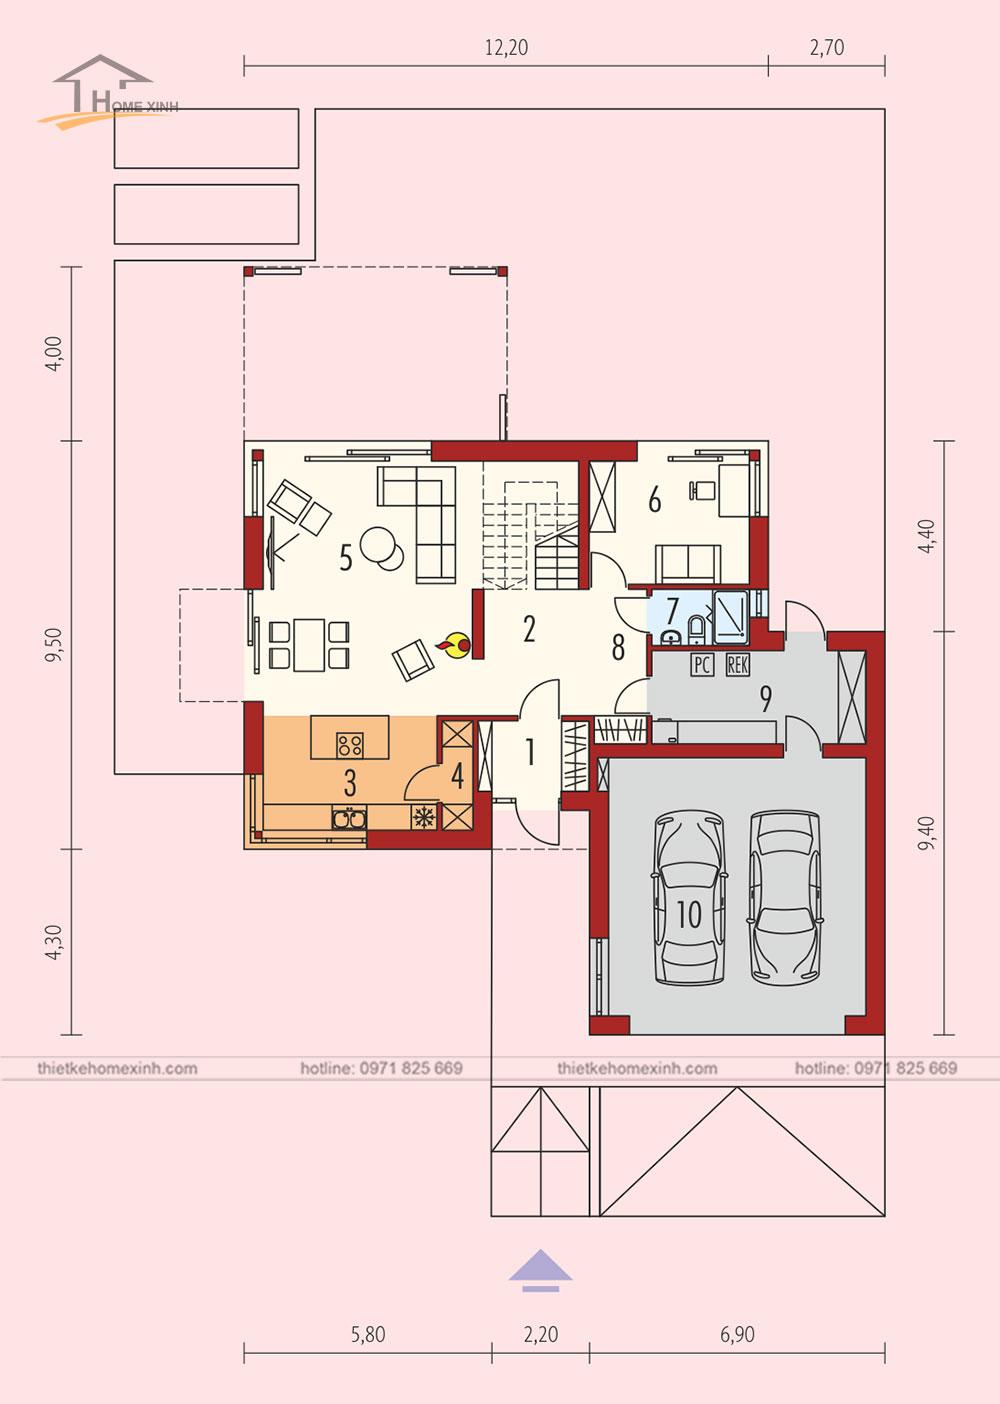 Bản vẽ thiết kế nhà vườn mái thái hiện đại tại Hòa Bình - tầng 1